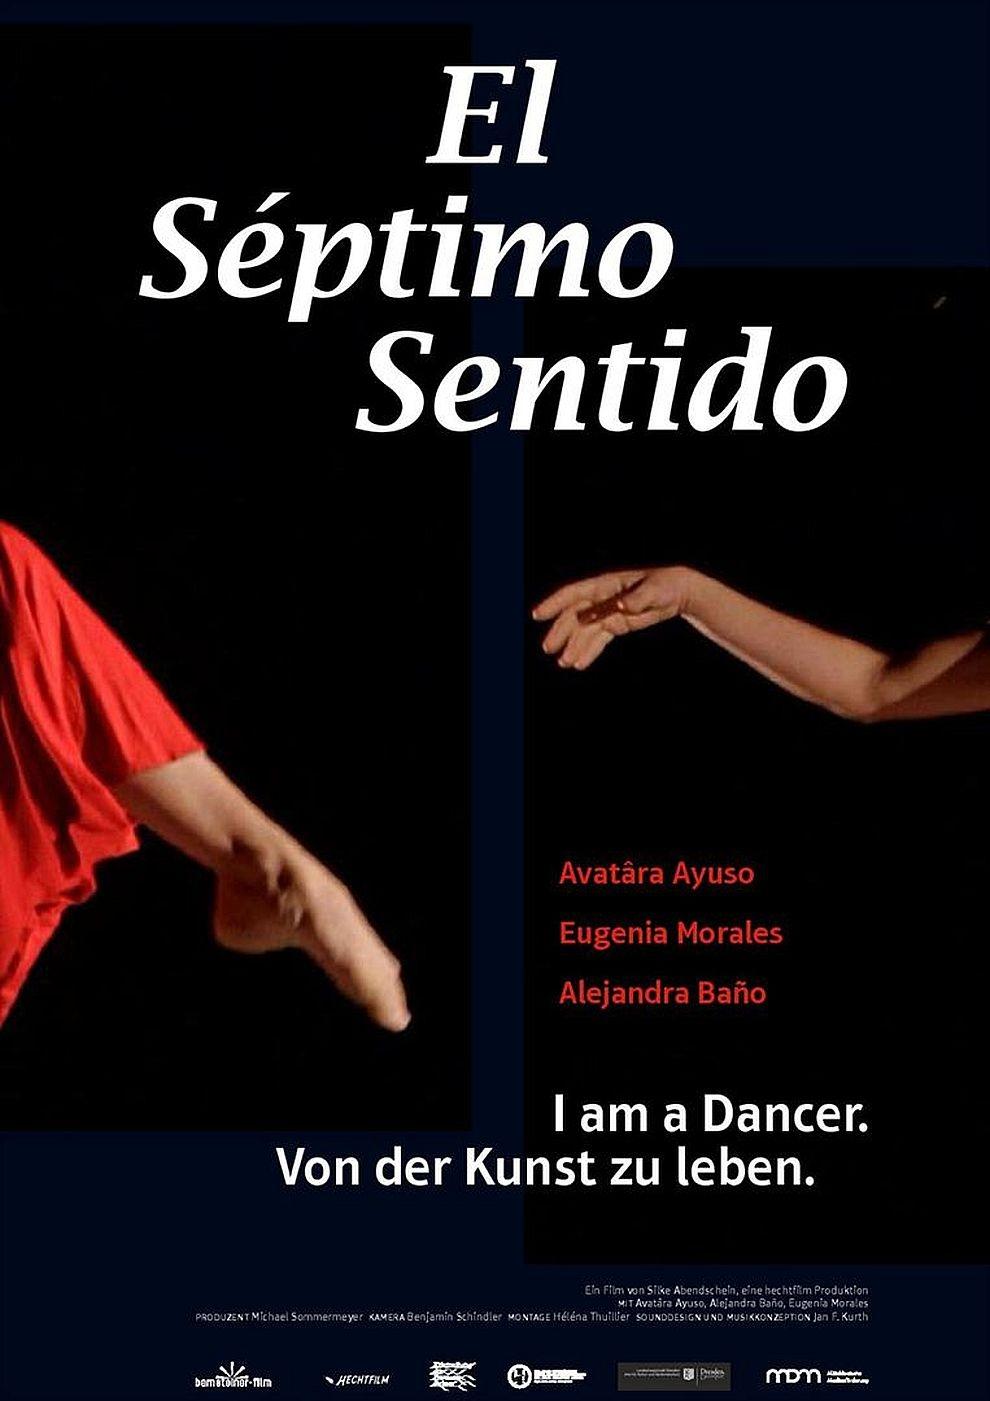 Séptimo Sentido - I am a dancer. Von der Kunst zu leben (Poster)